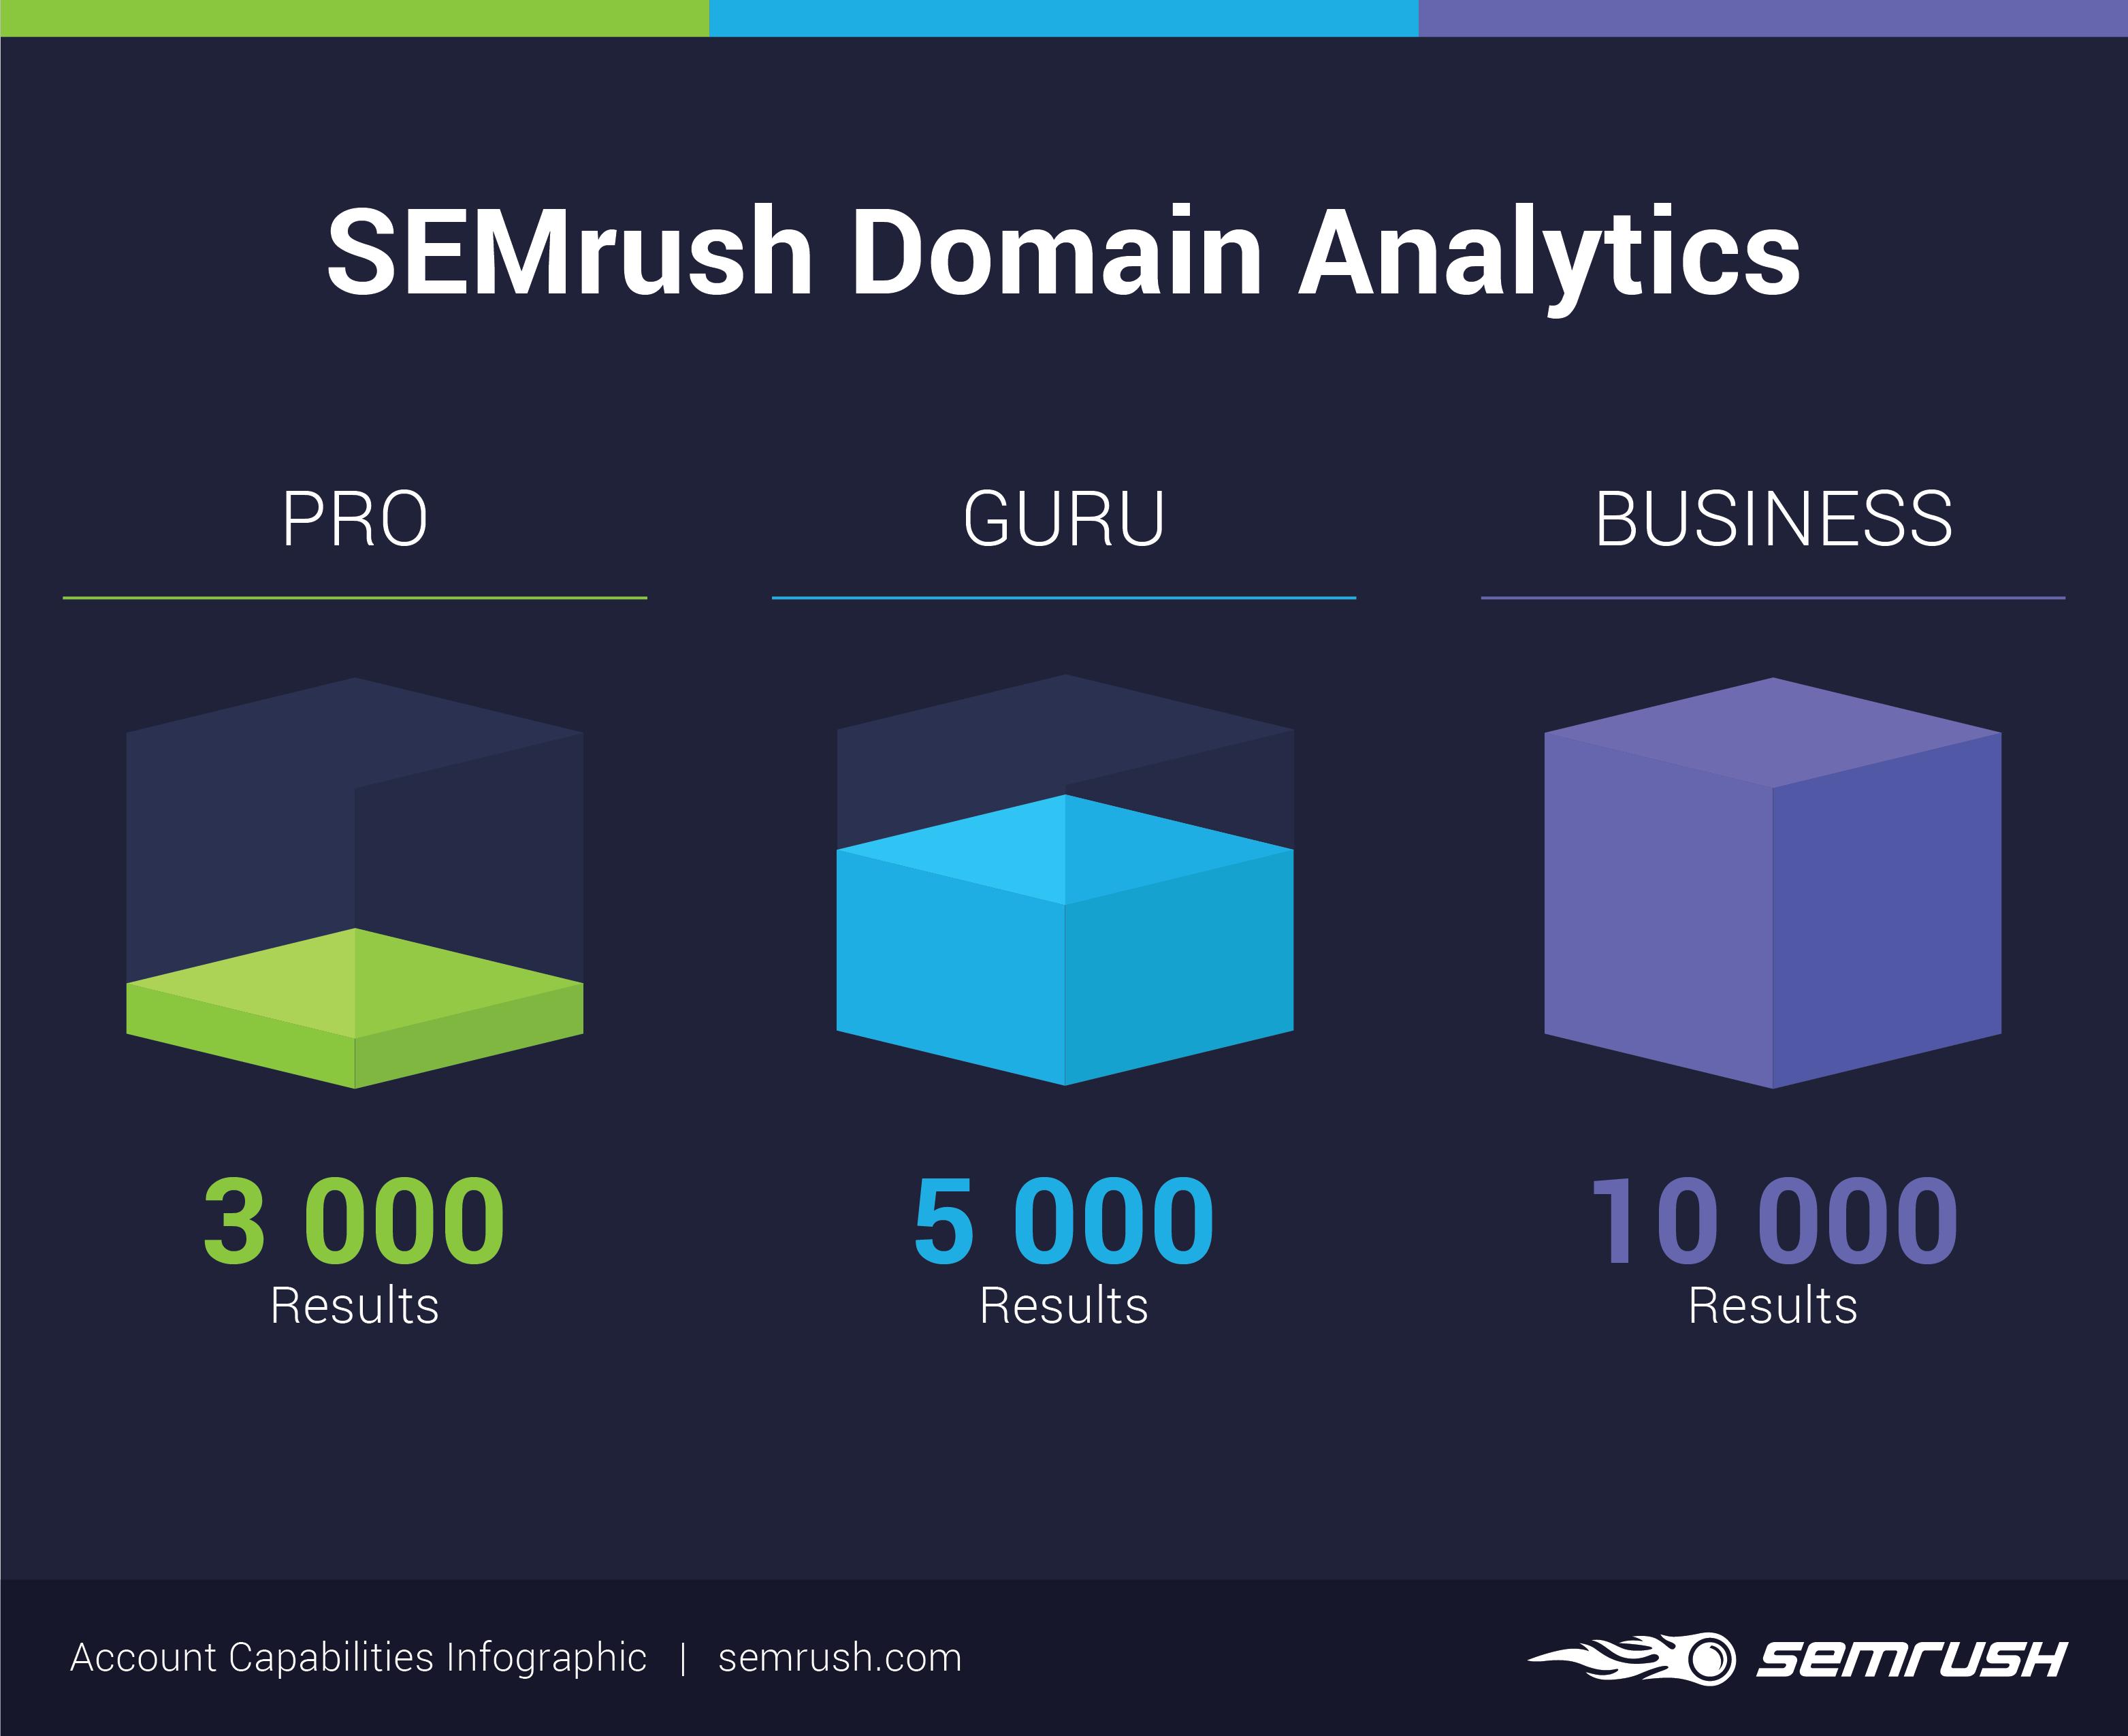 SEMrush domain analytics limits